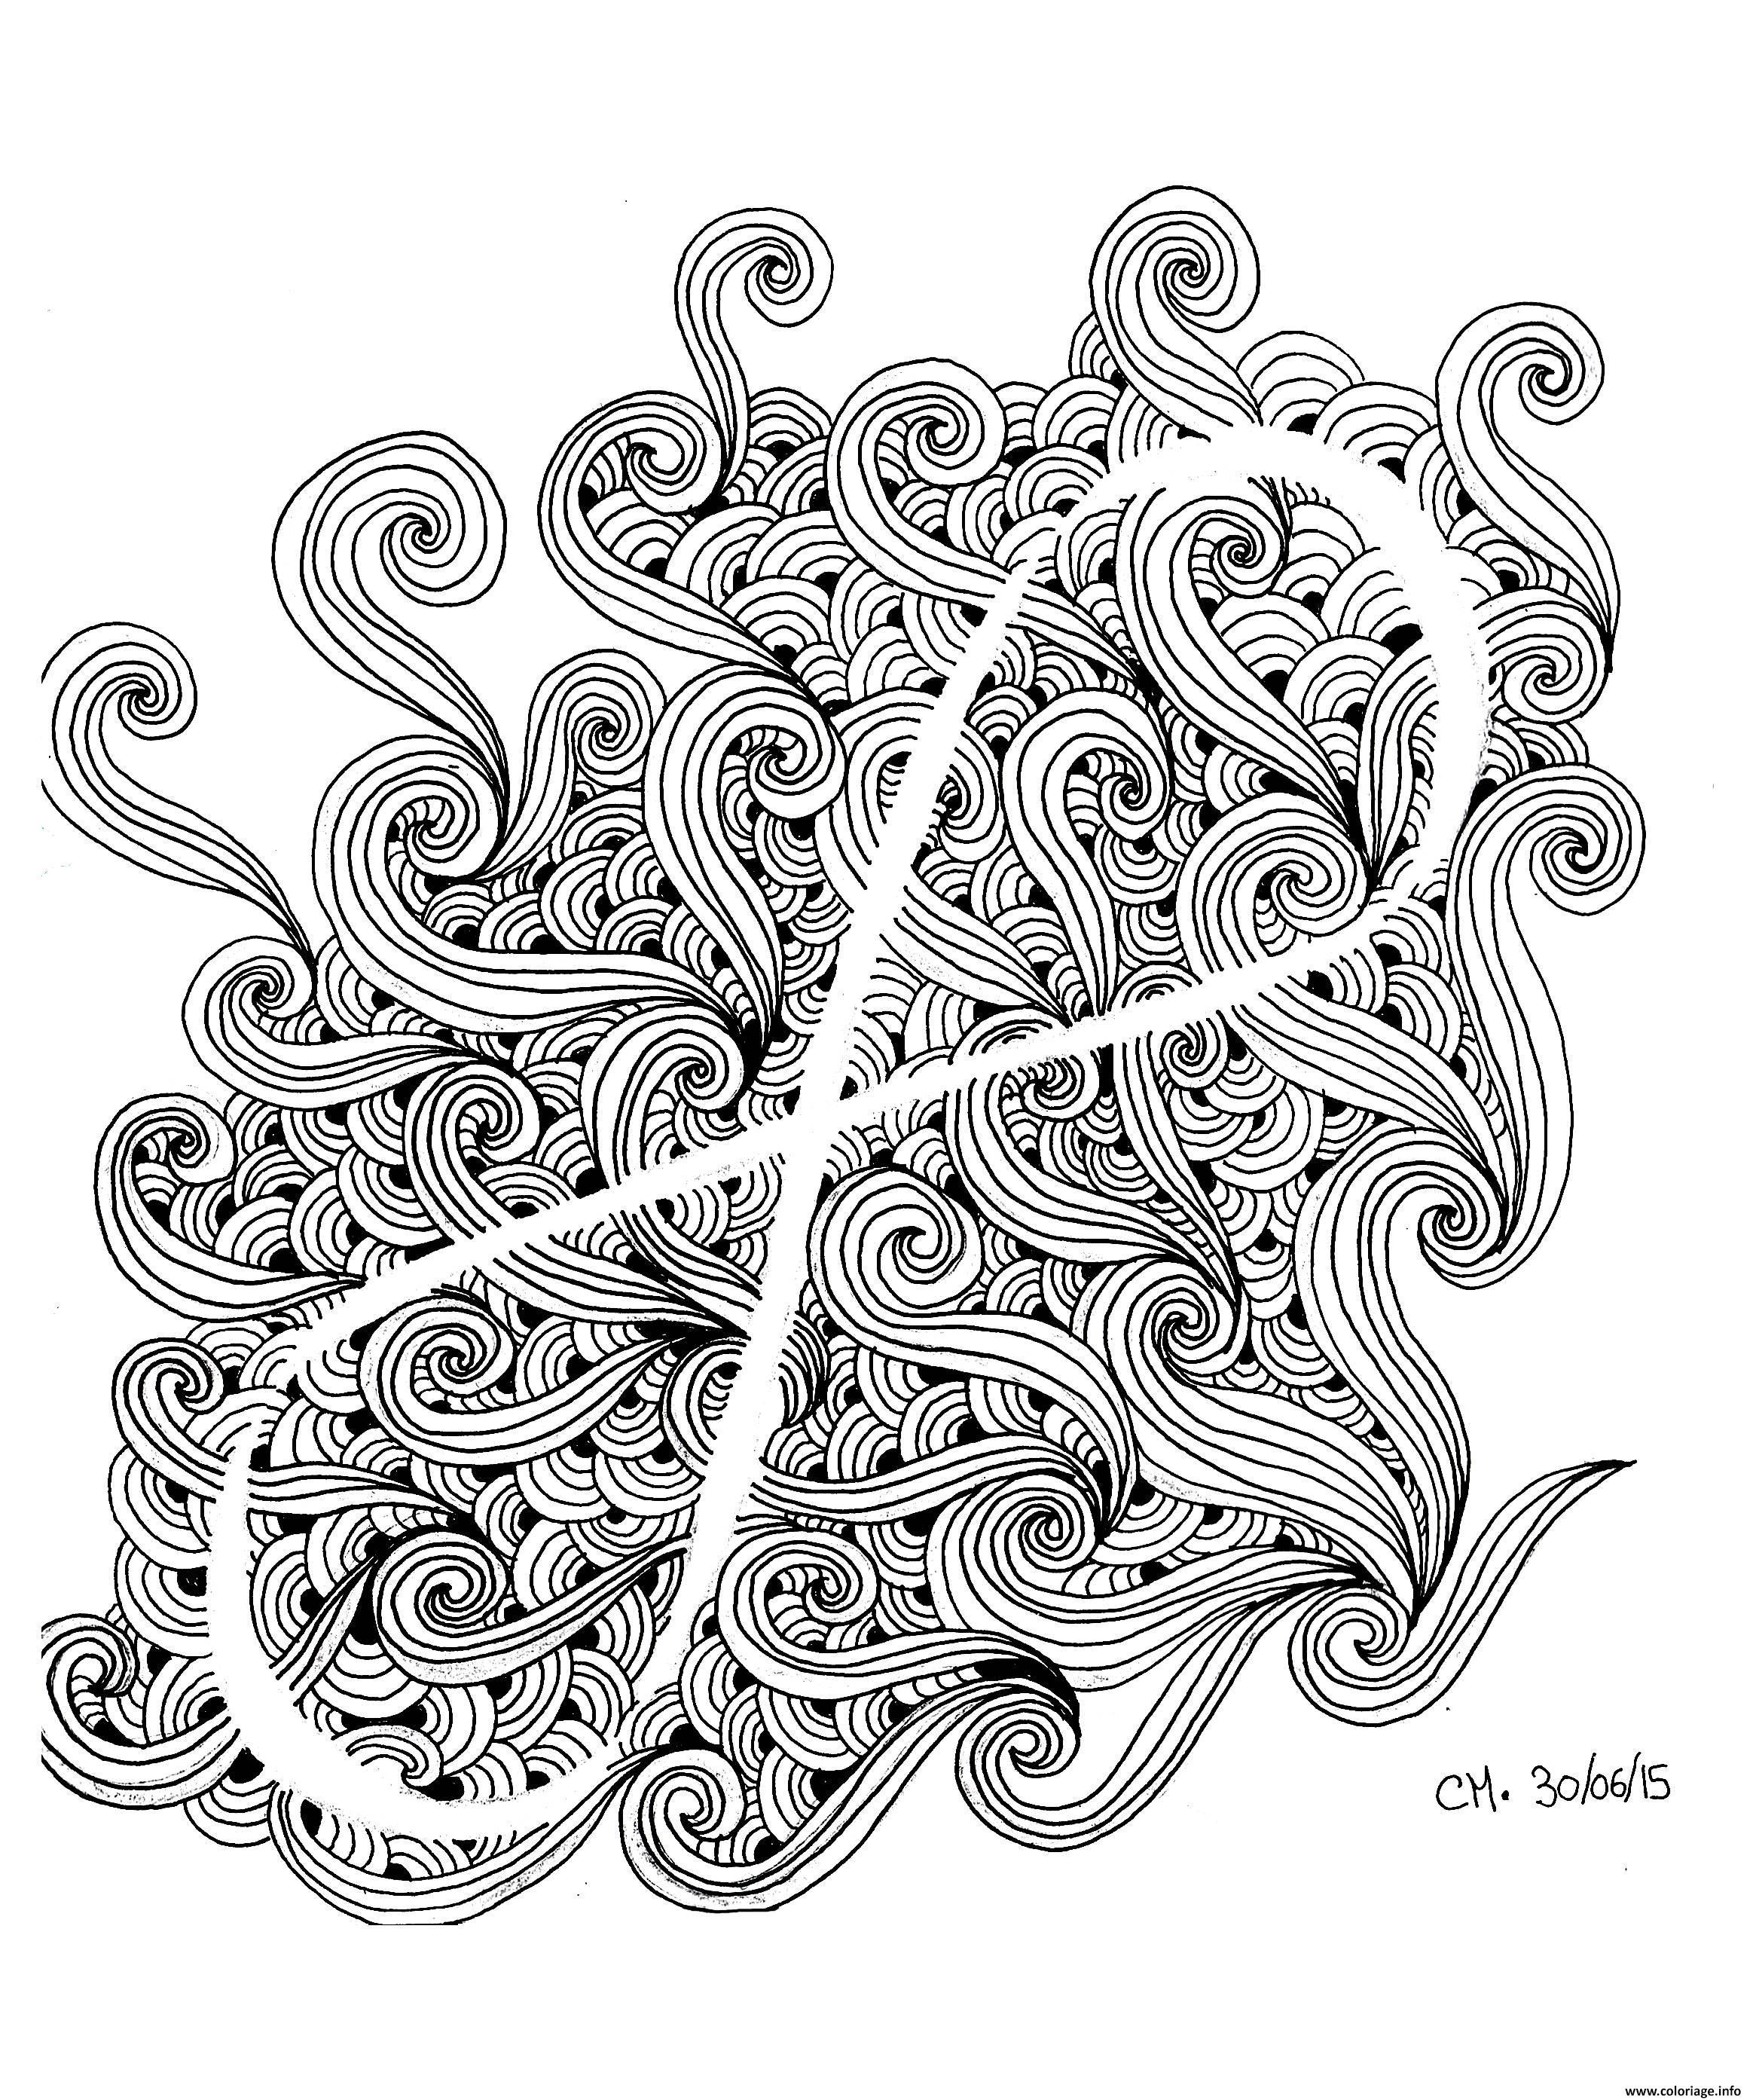 Dessin adulte zentangle by cathym 12 Coloriage Gratuit à Imprimer